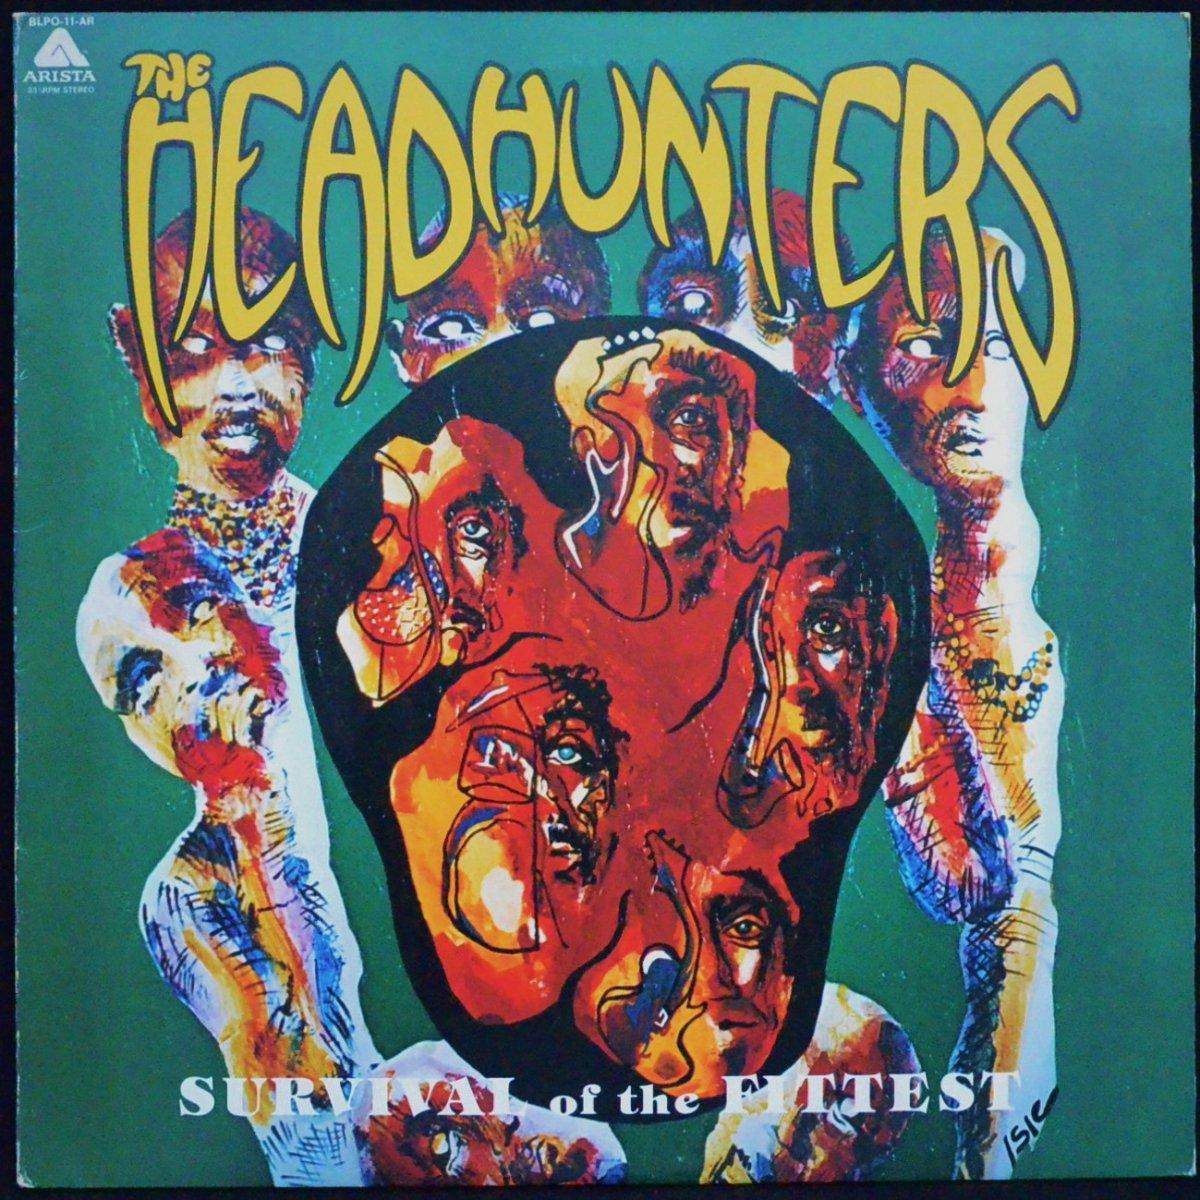 ヘッドハンターズ THE HEADHUNTERS / 驚異のファンキー軍団 SURVIVAL OF THE FITTEST (LP)